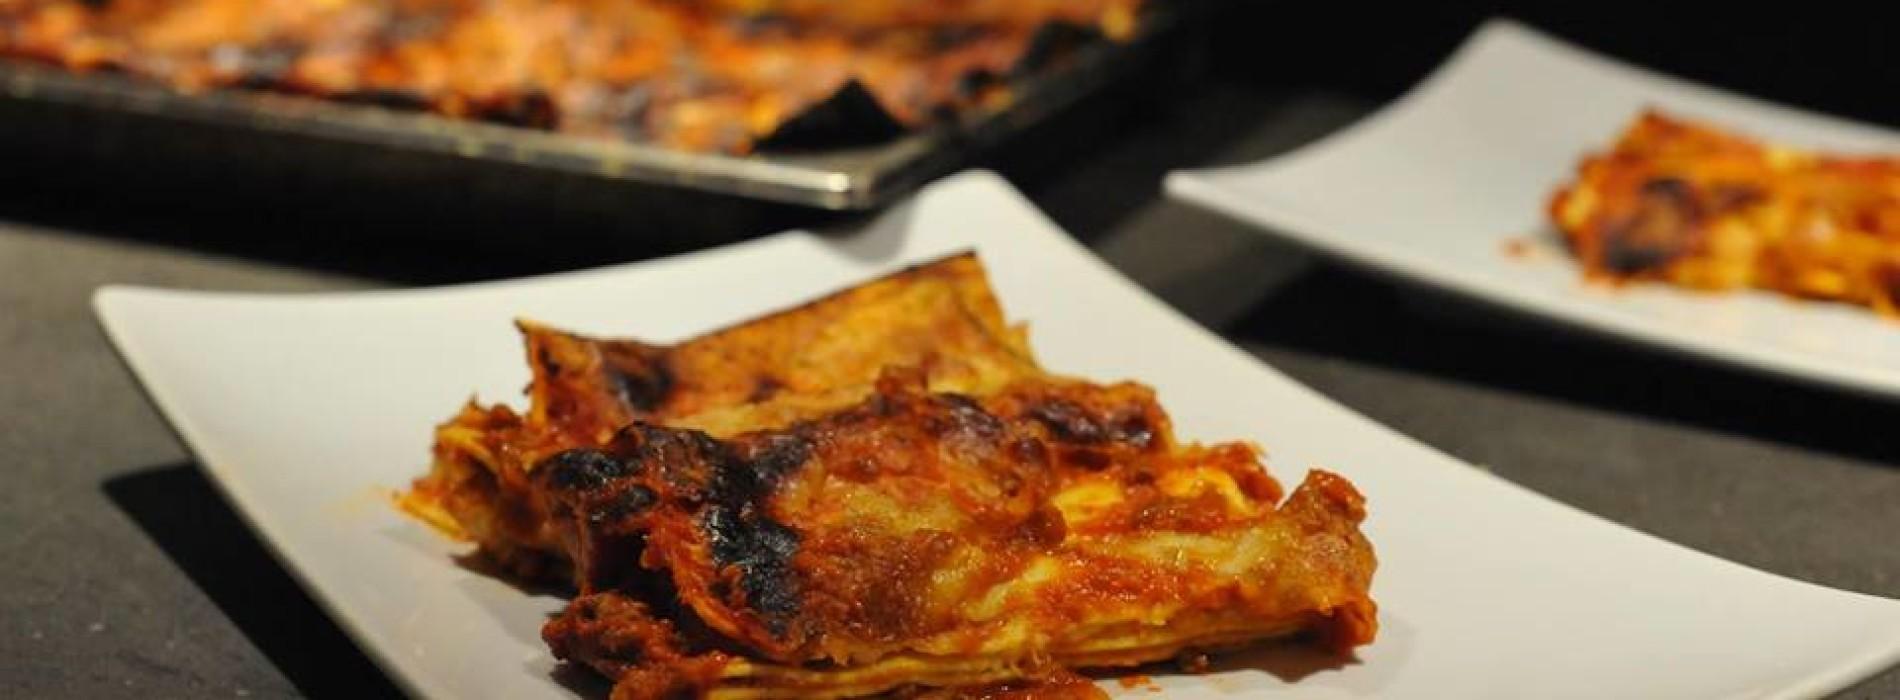 Brunch Roma marzo 2016, i migliori indirizzi e una novità: la lasagna cotta al forno a legna di CucinAtipica